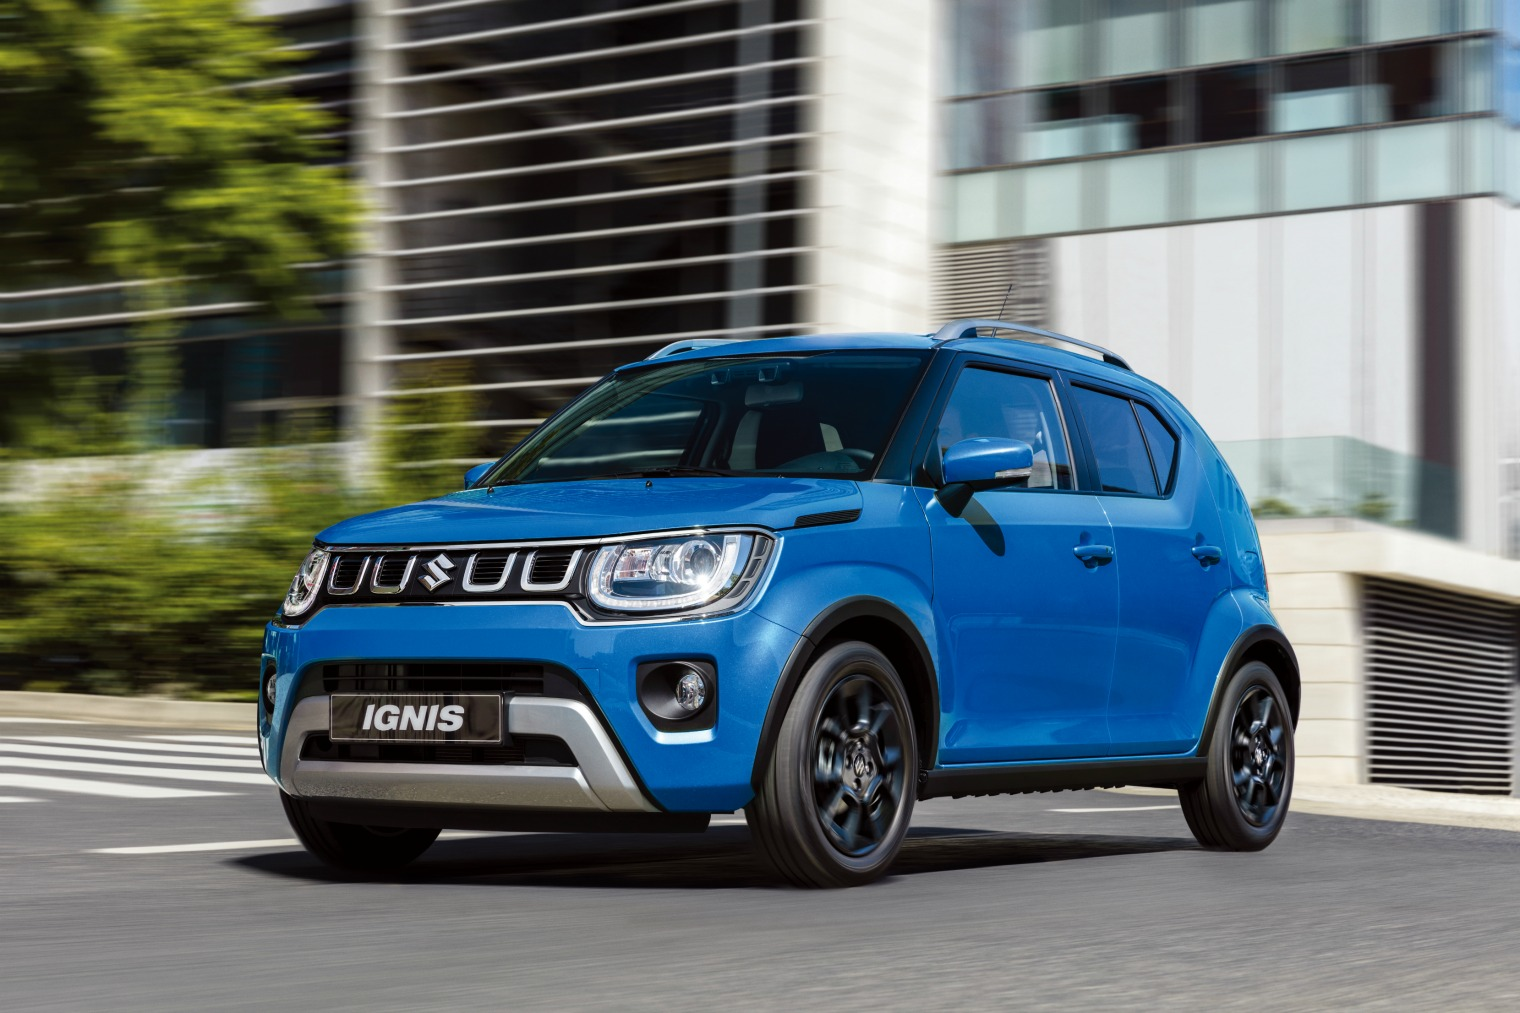 Nuova Suzuki Ignis design